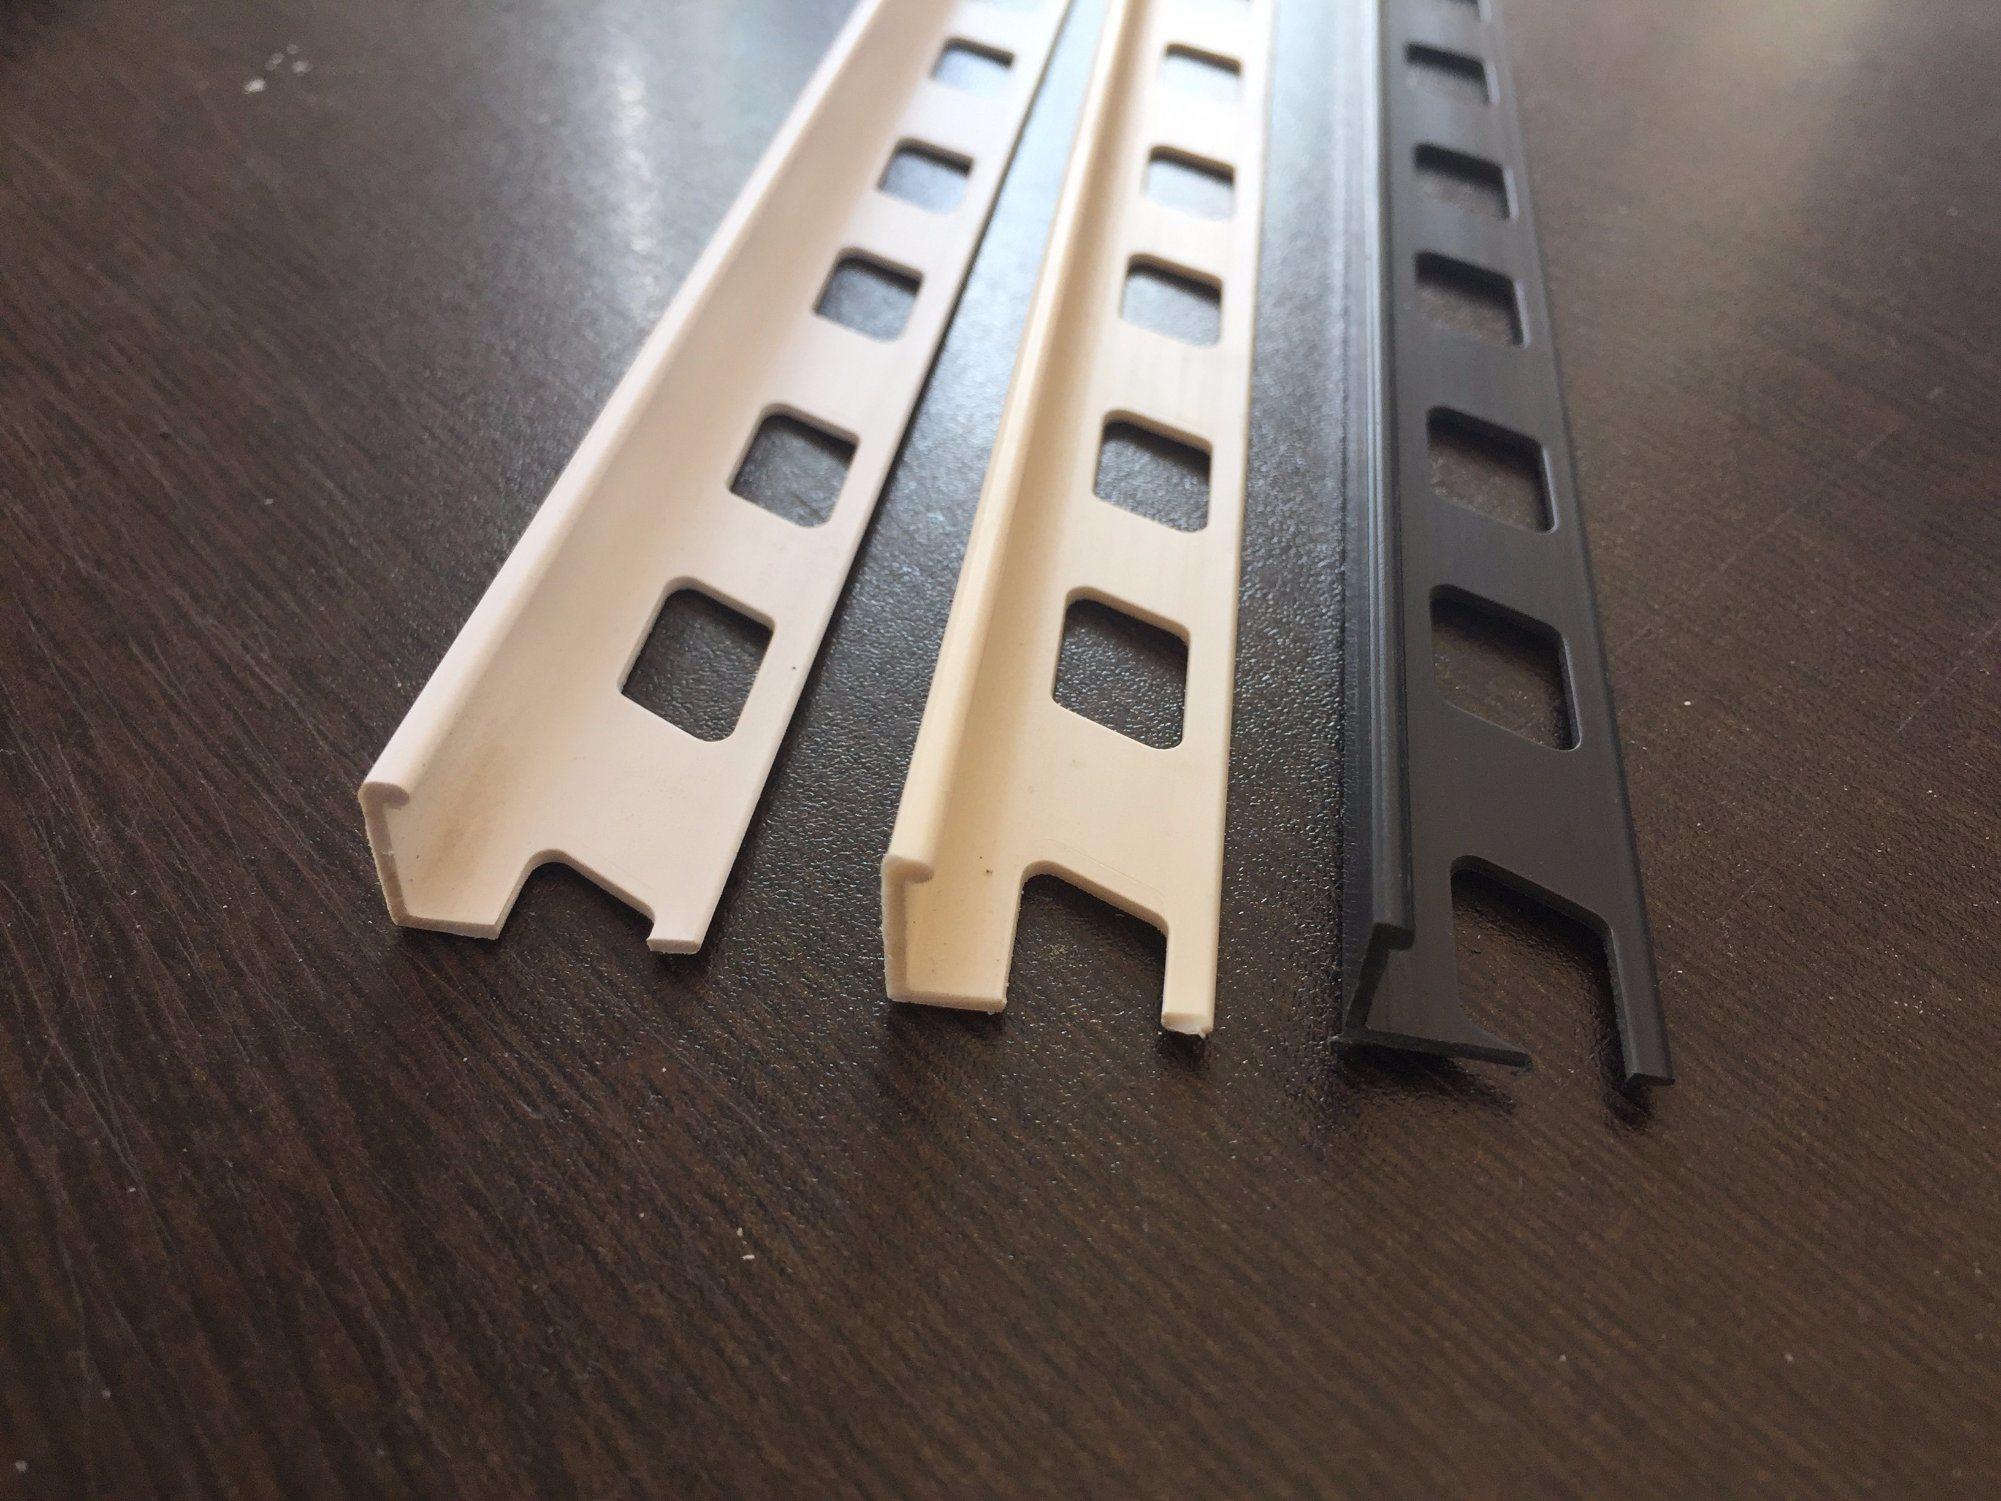 PVC Ceramic Tile Trim in 10mm Height